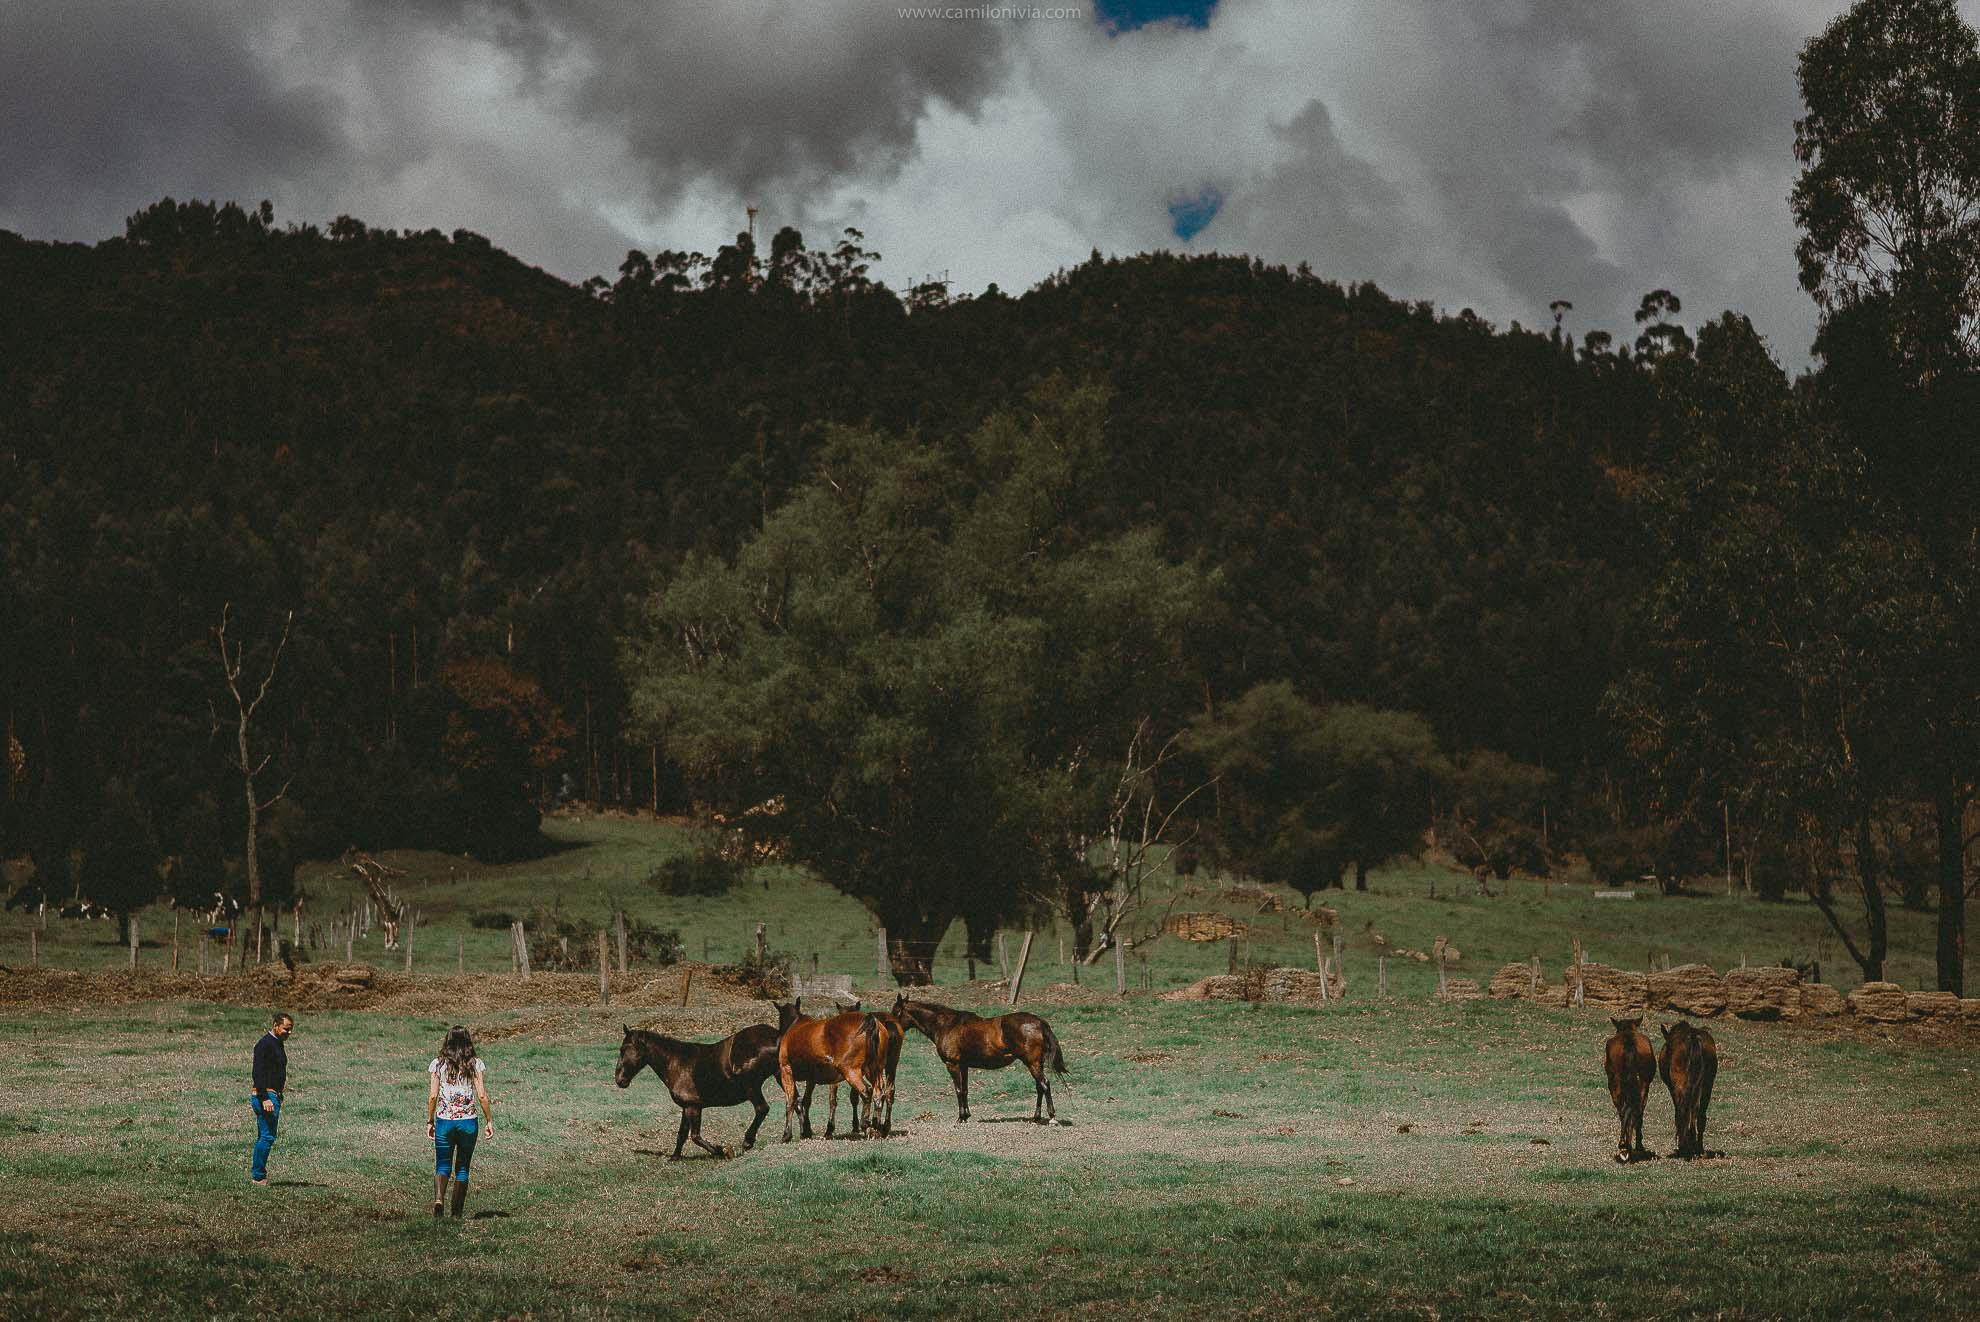 Camilo Nivia - fotógrafo Documental y artístico de Bodas en colombia-15